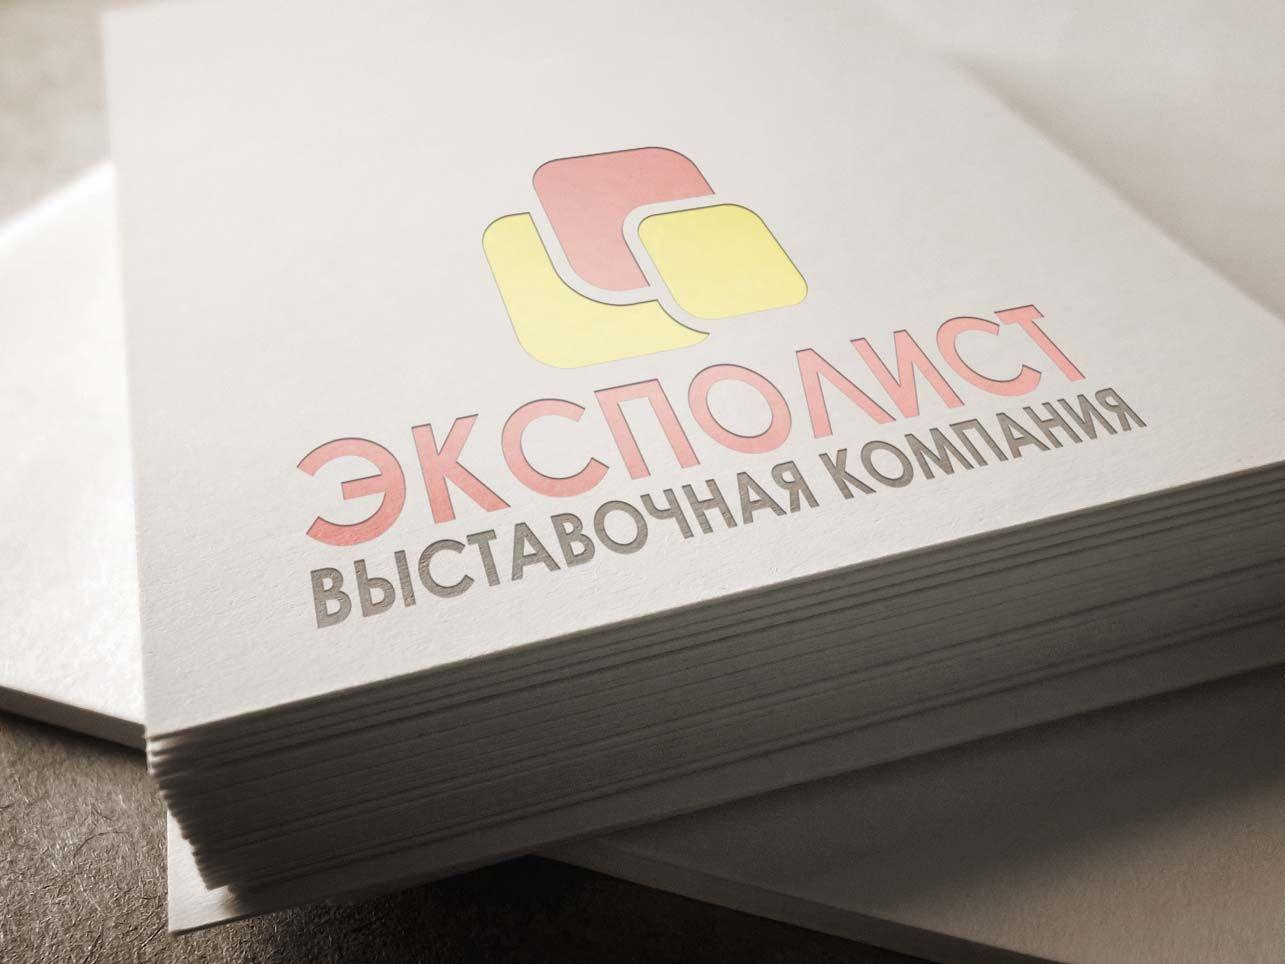 Логотип выставочной компании Эксполист - дизайнер kurgan_ok